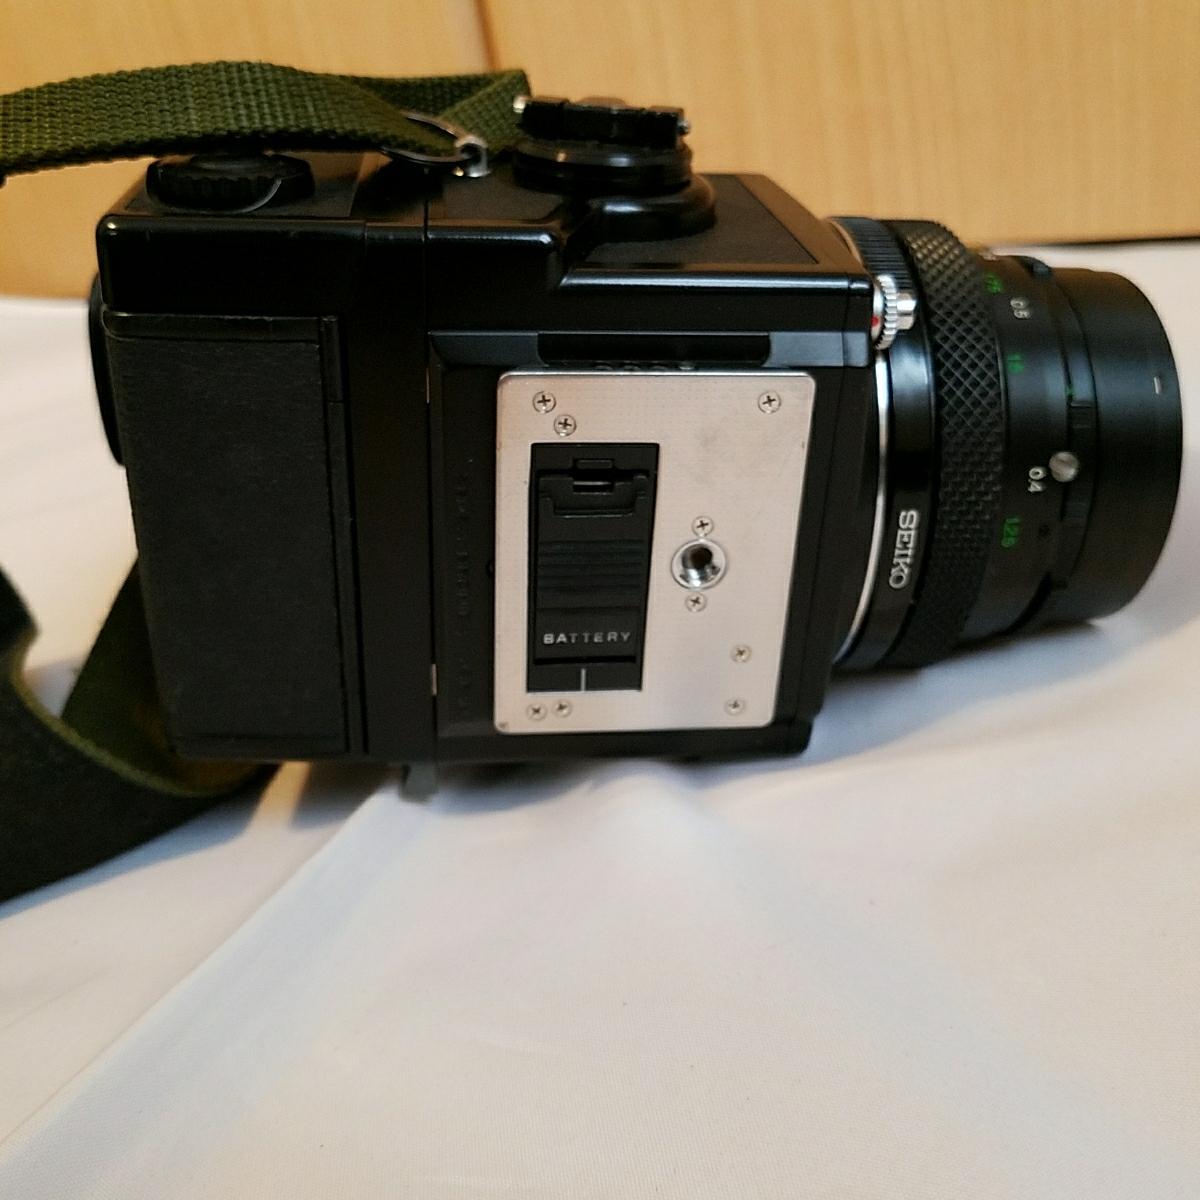 ブロニカ ZENZA BRONICA ETRS 40mm 4 レンズ付き_画像6